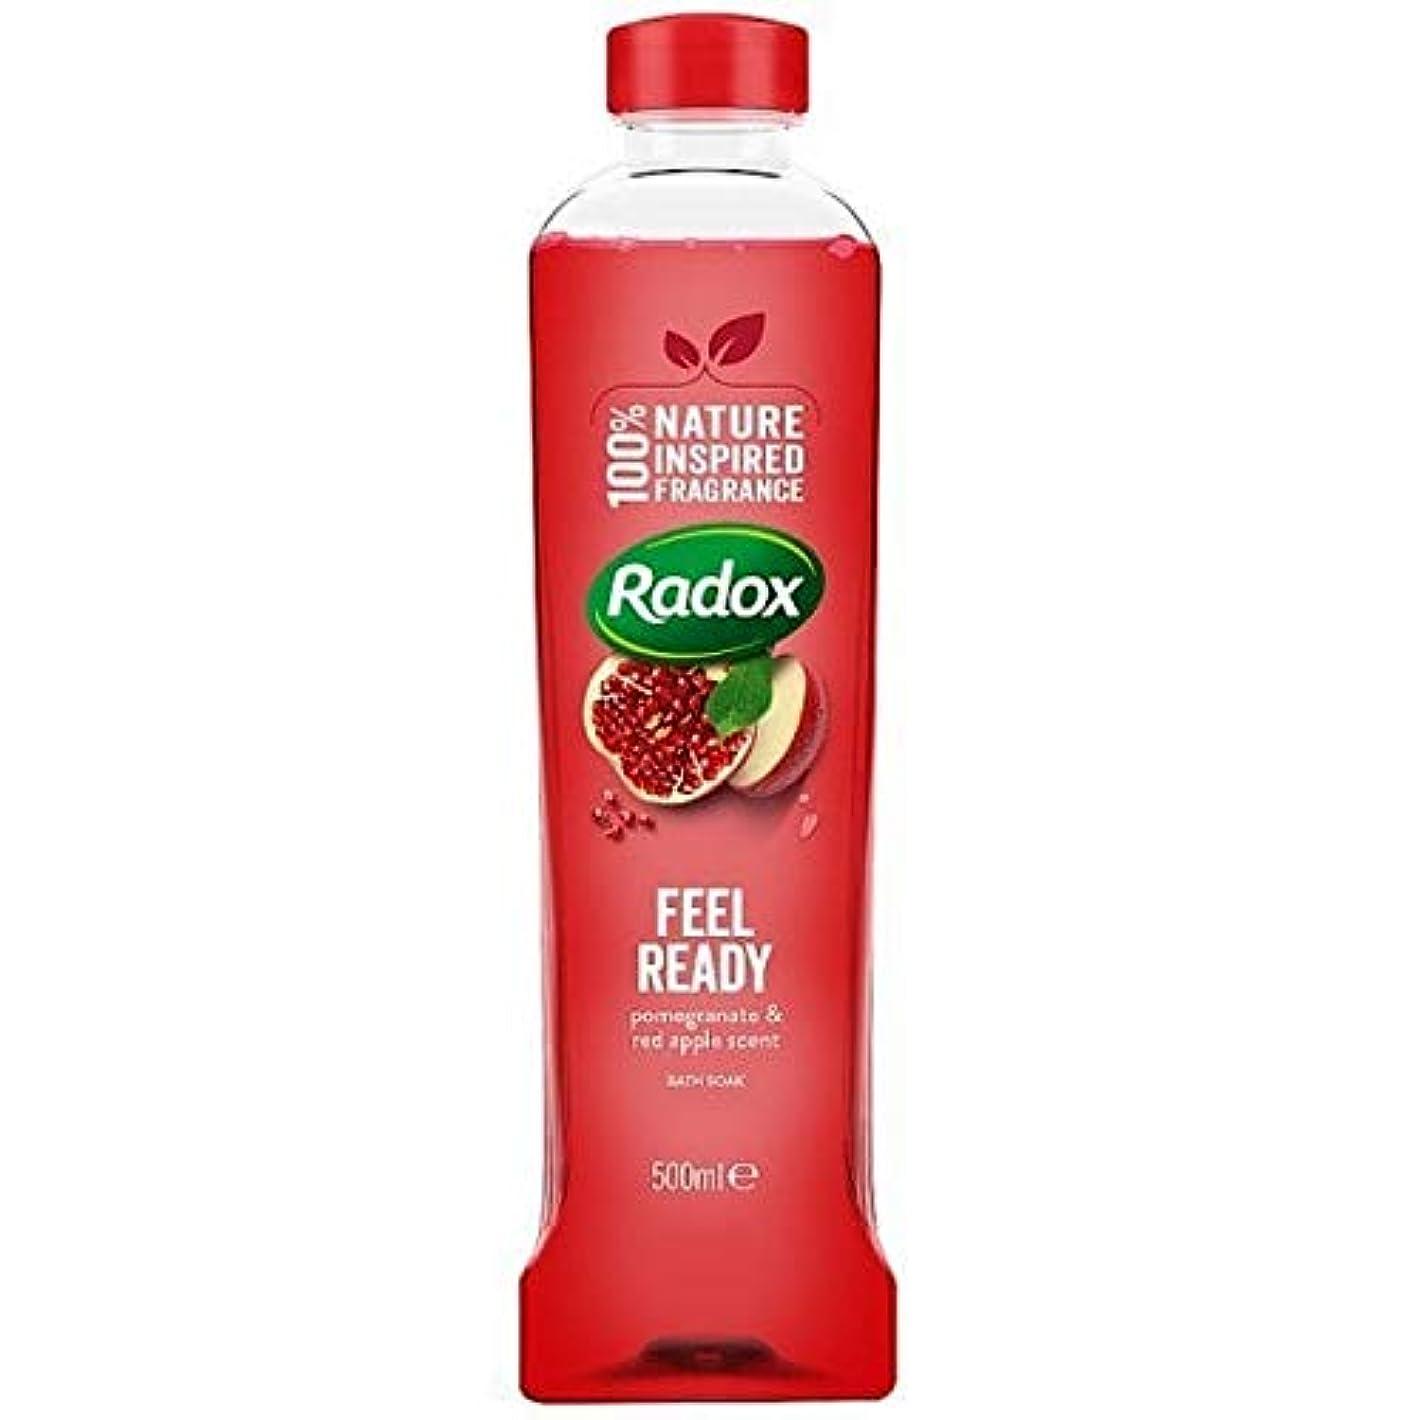 ミシン目心理学[Radox] Radoxは500ミリリットルを浸し準備風呂を感じます - Radox Feel Ready Bath Soak 500ml [並行輸入品]